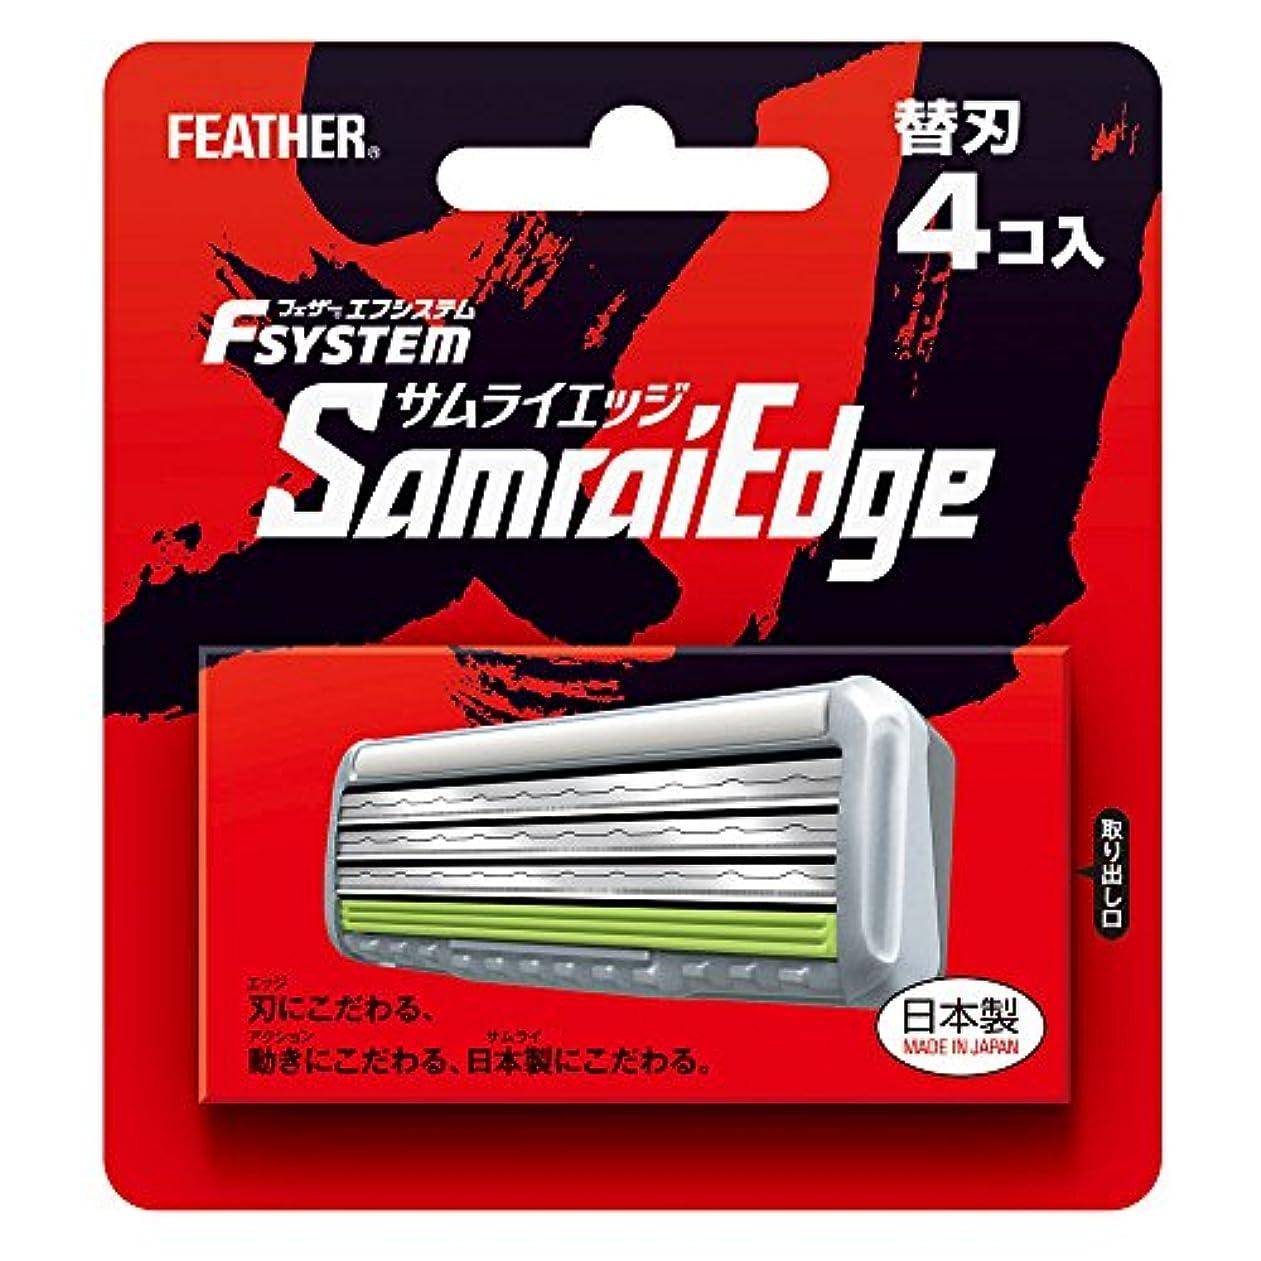 毒液郵便物色合いフェザー エフシステム 替刃 サムライエッジ 4コ入 (日本製)